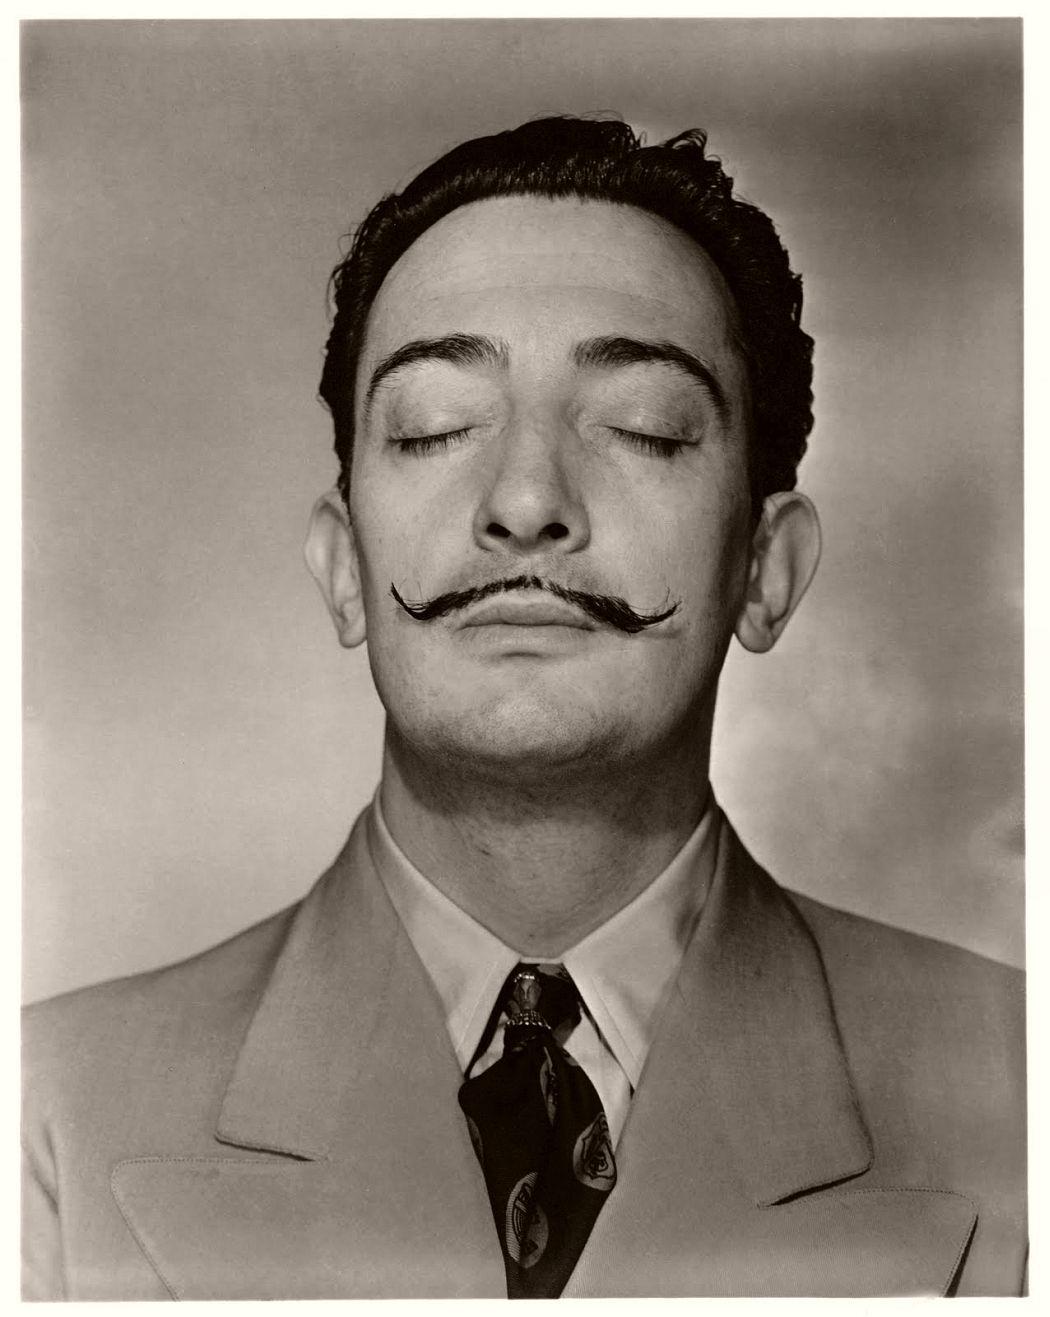 Salvador Dali, 1943 by Horst P. Horst